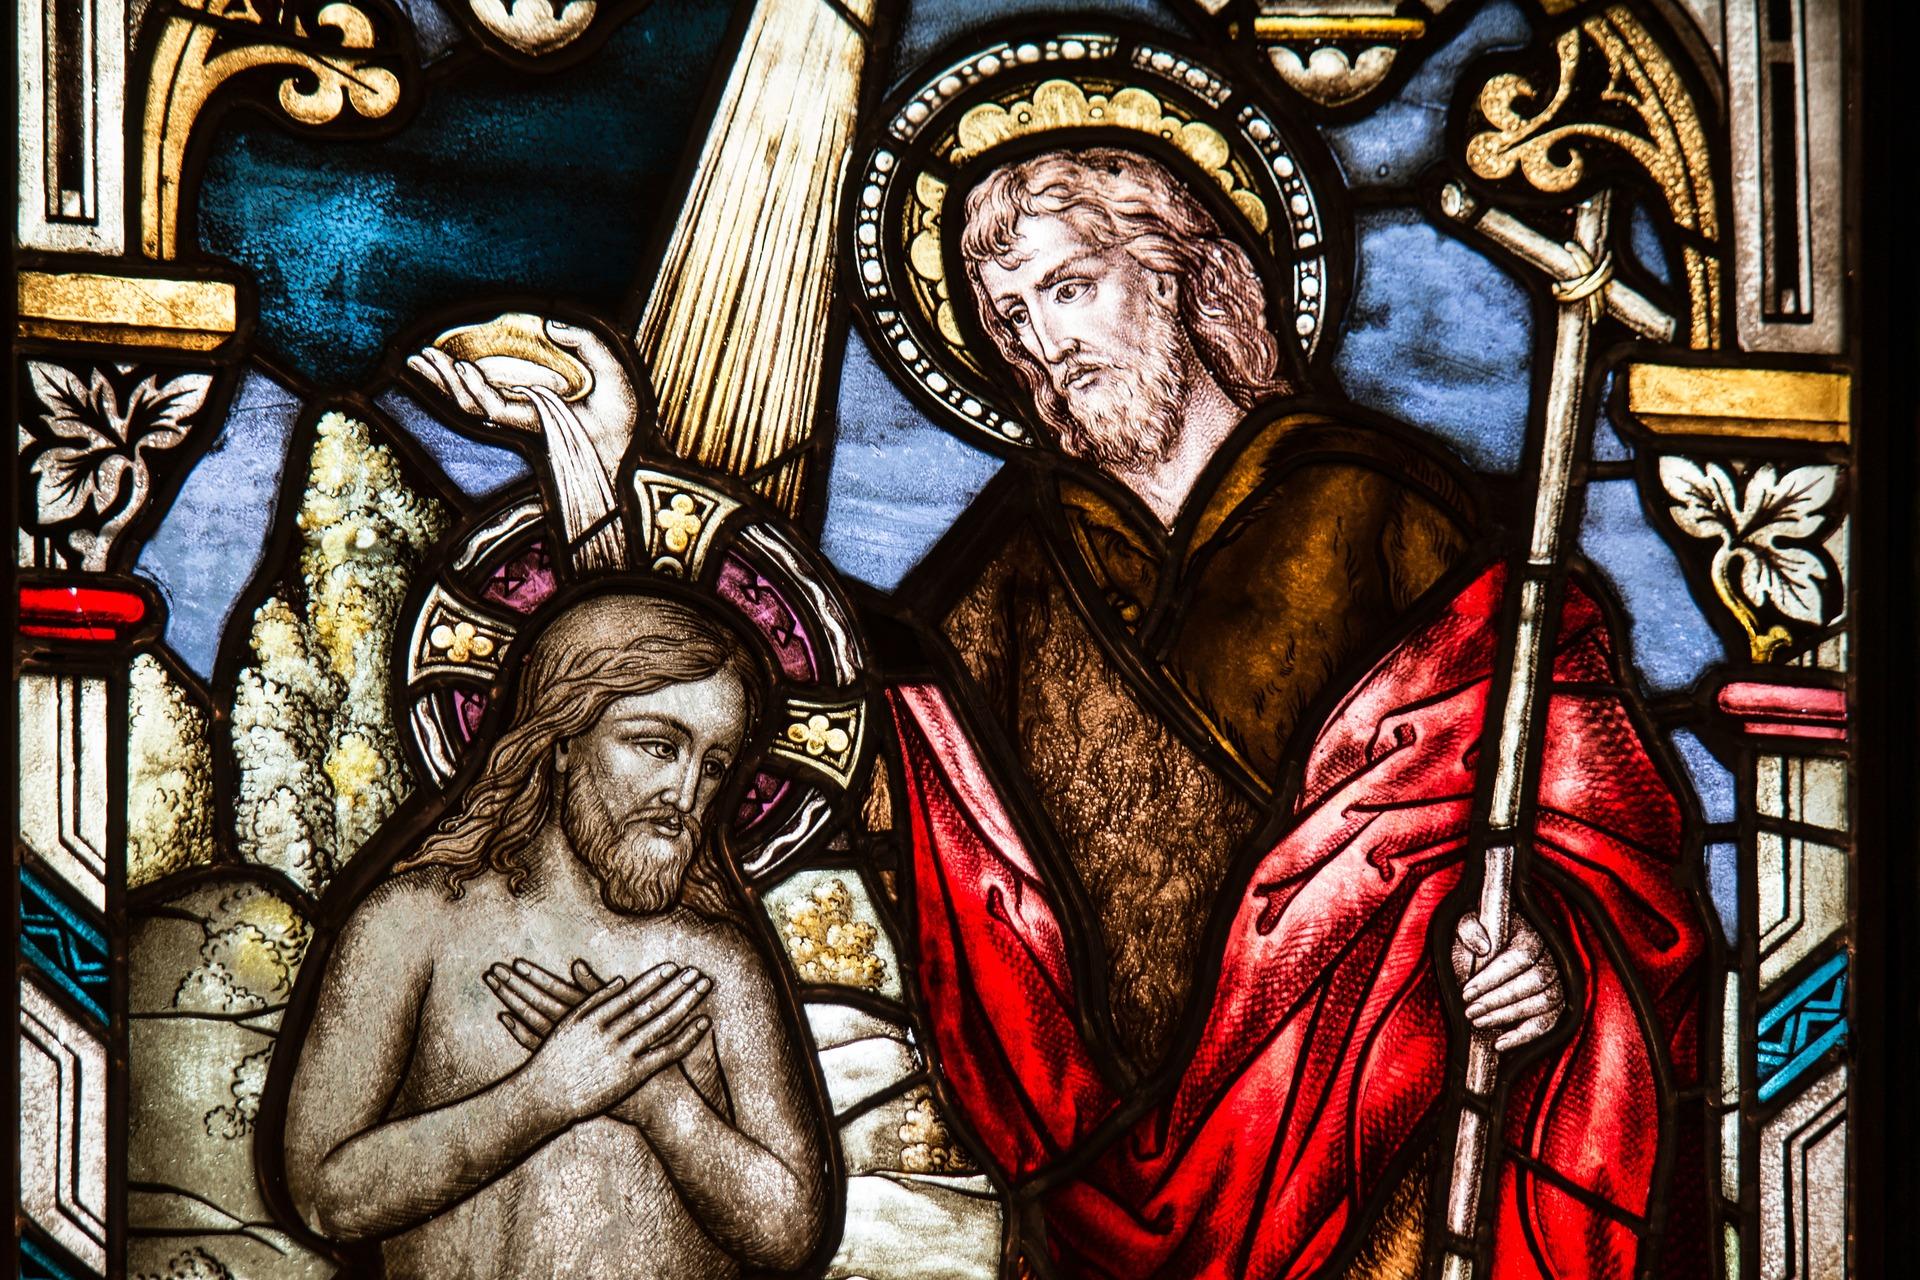 6. Januar: Wir feiern die drei Erscheinungen des Herrn